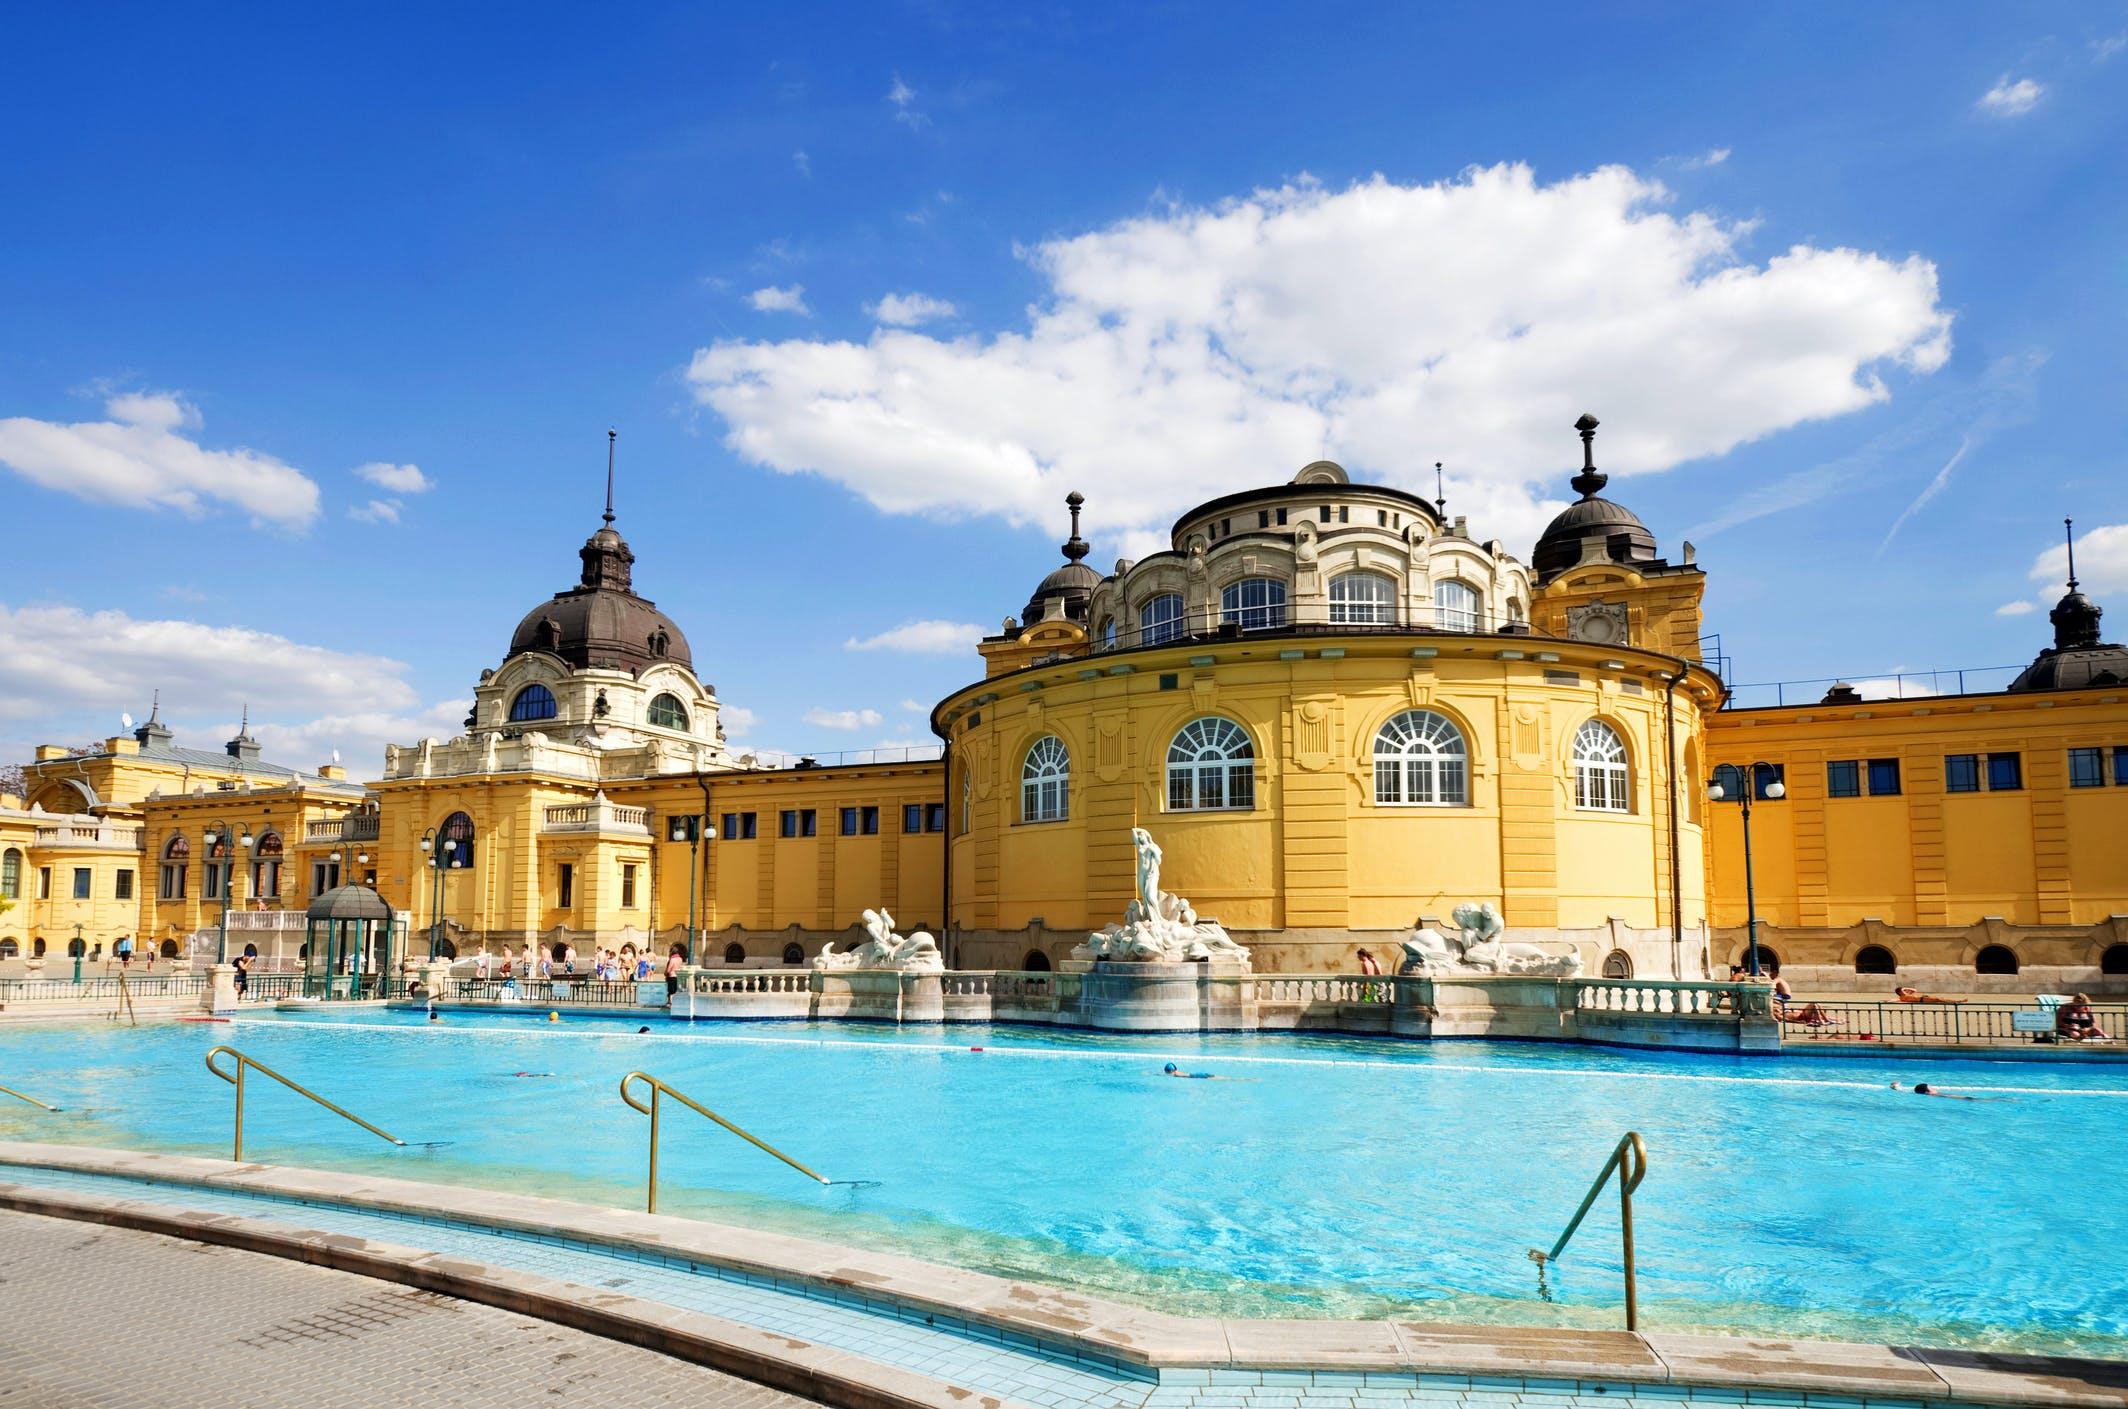 Het Széchenyi Badhuis is een grote favoriet onder toeristen én inwoners van de stad